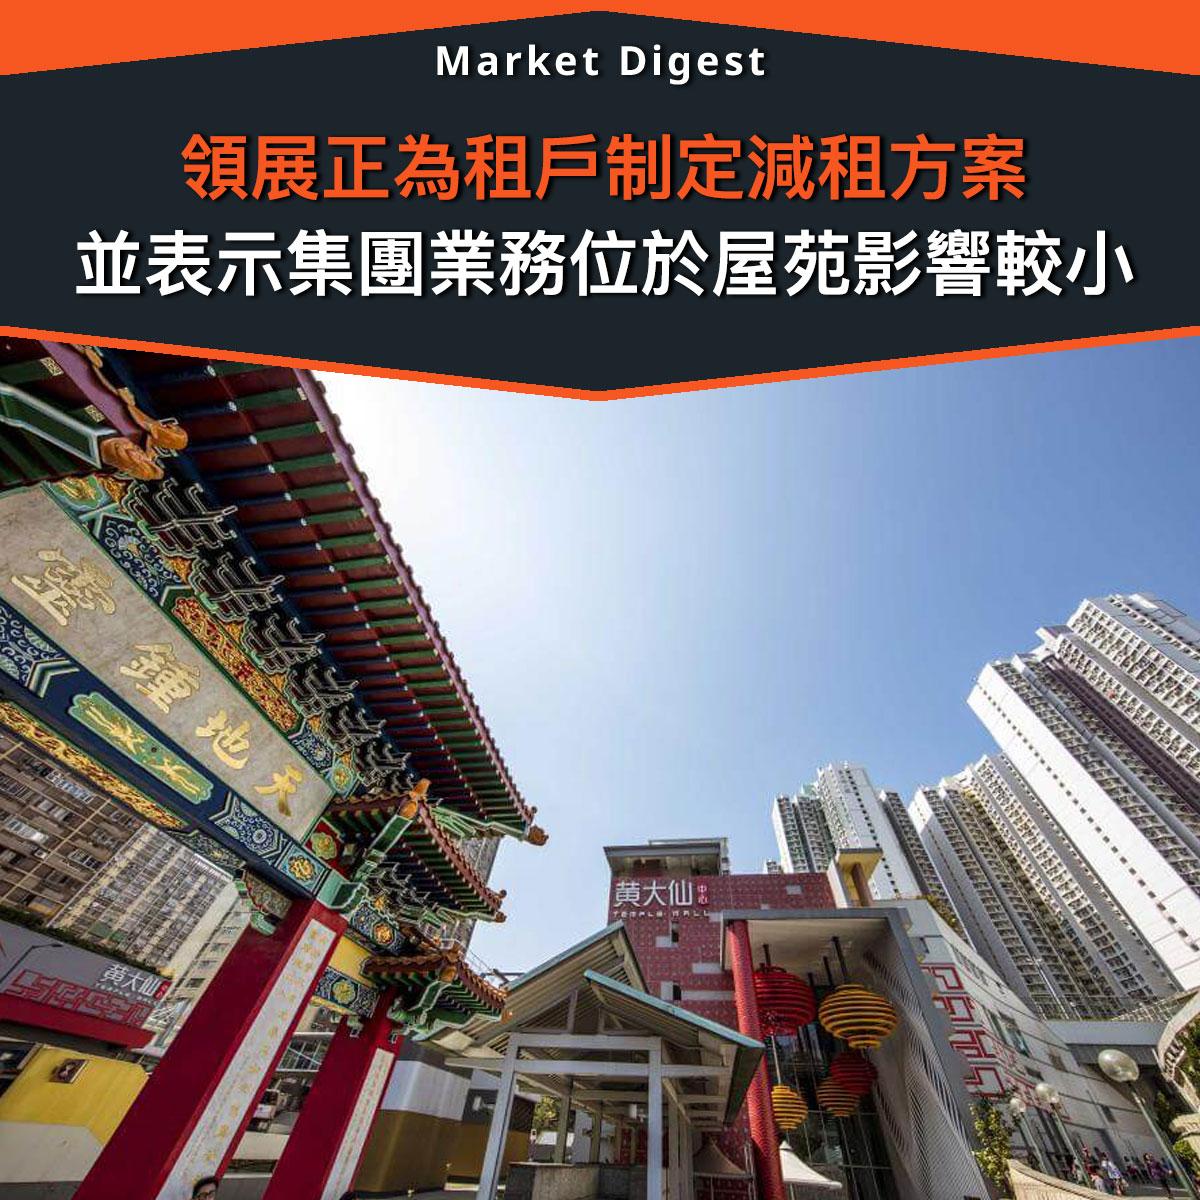 【市場熱話】領展正為租戶制定減租方案,集團主要業務位於屋苑影響較小